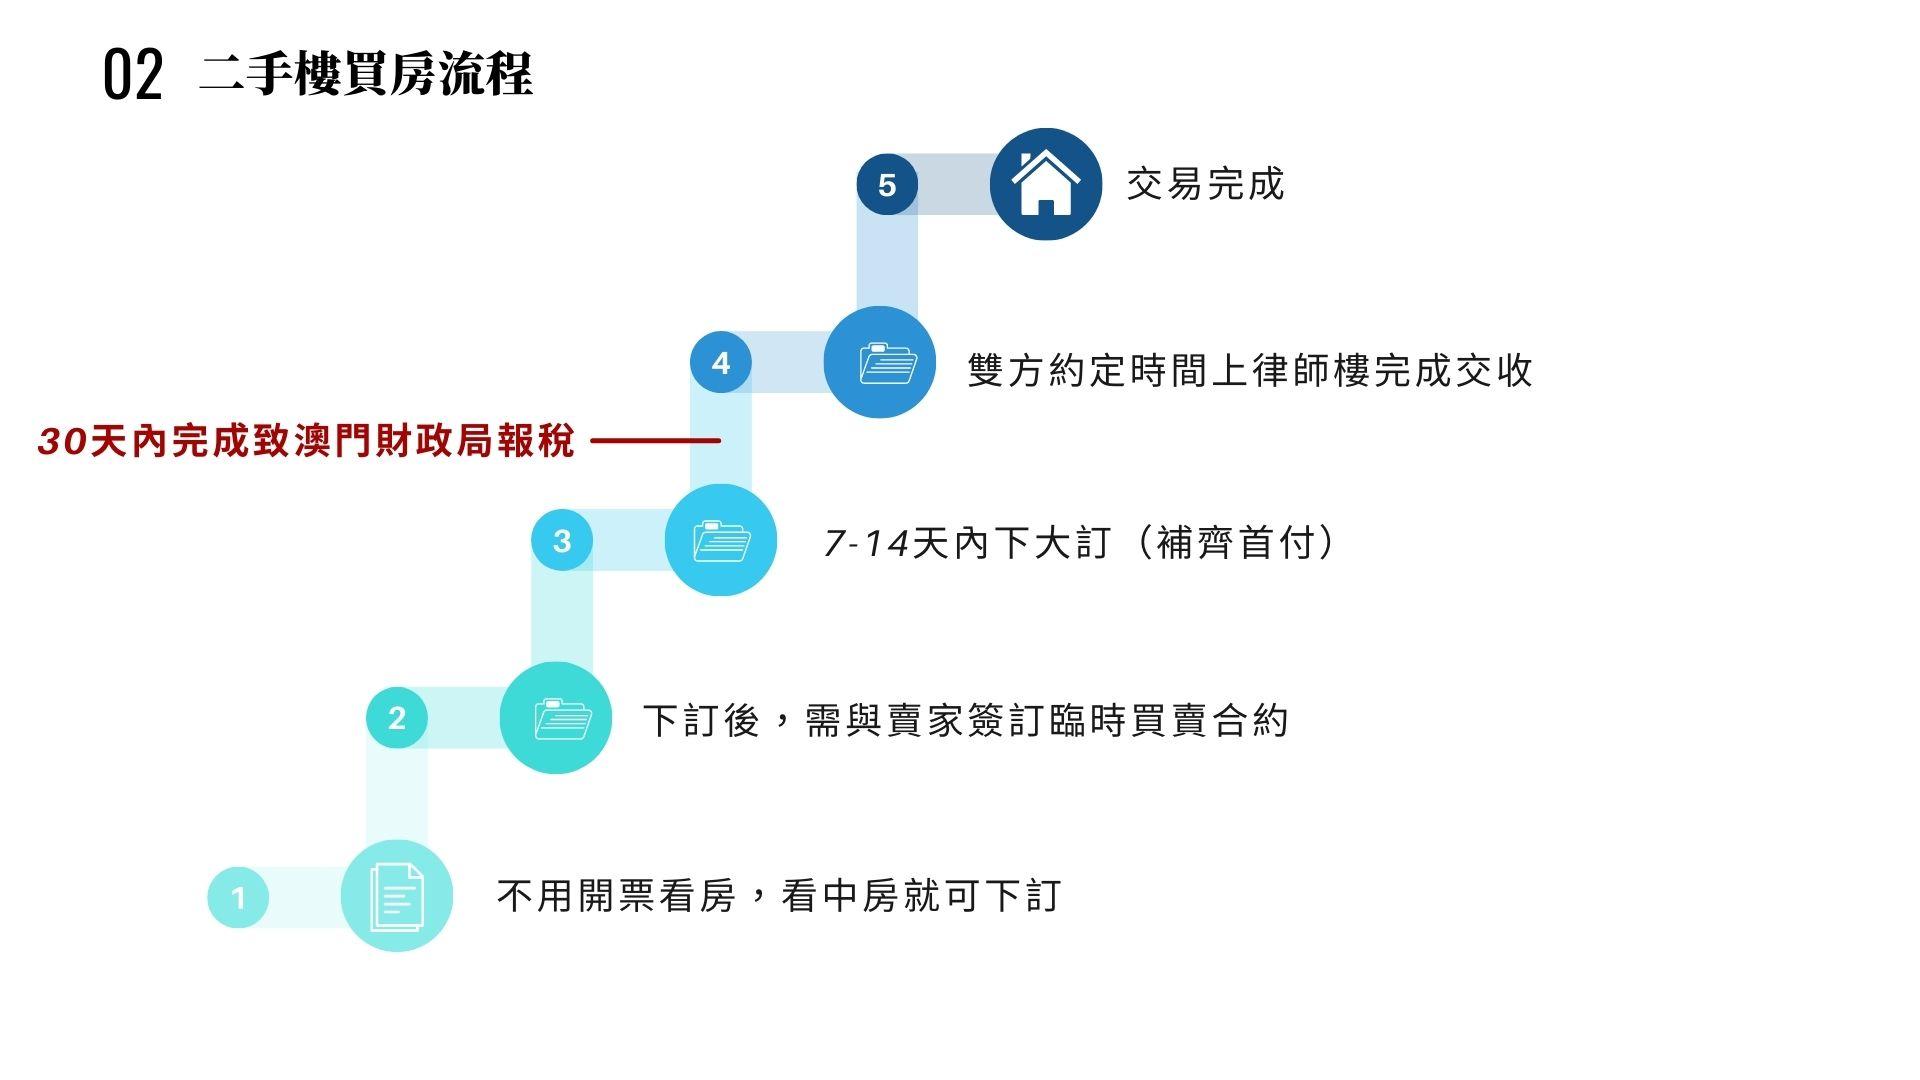 12 3 Southern Land 南國工程